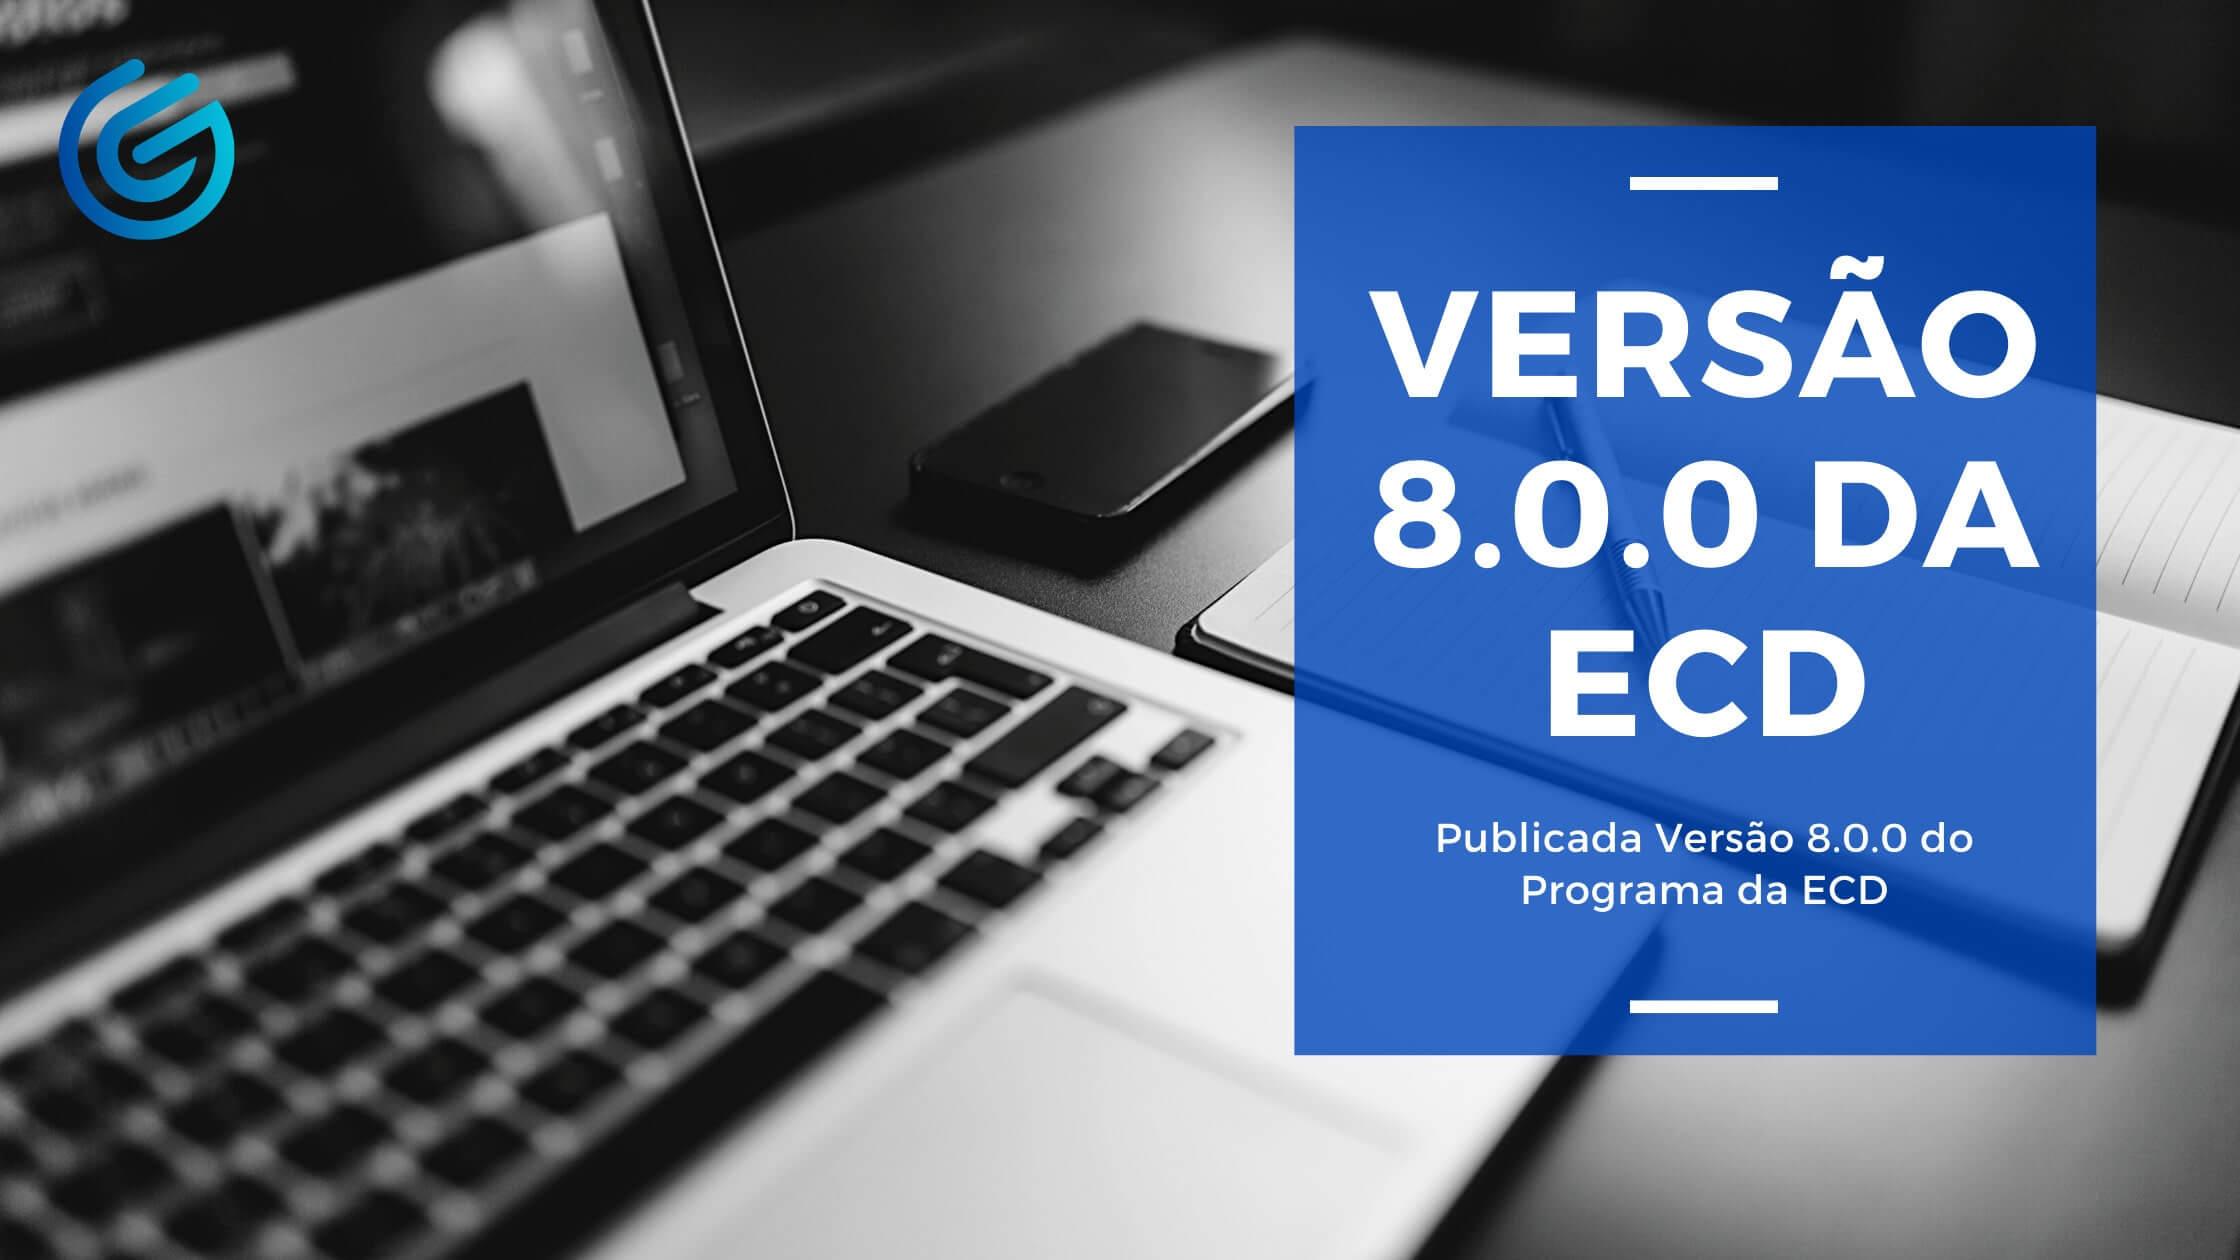 Publicada Versão 8.0.0 do Programa da ECD